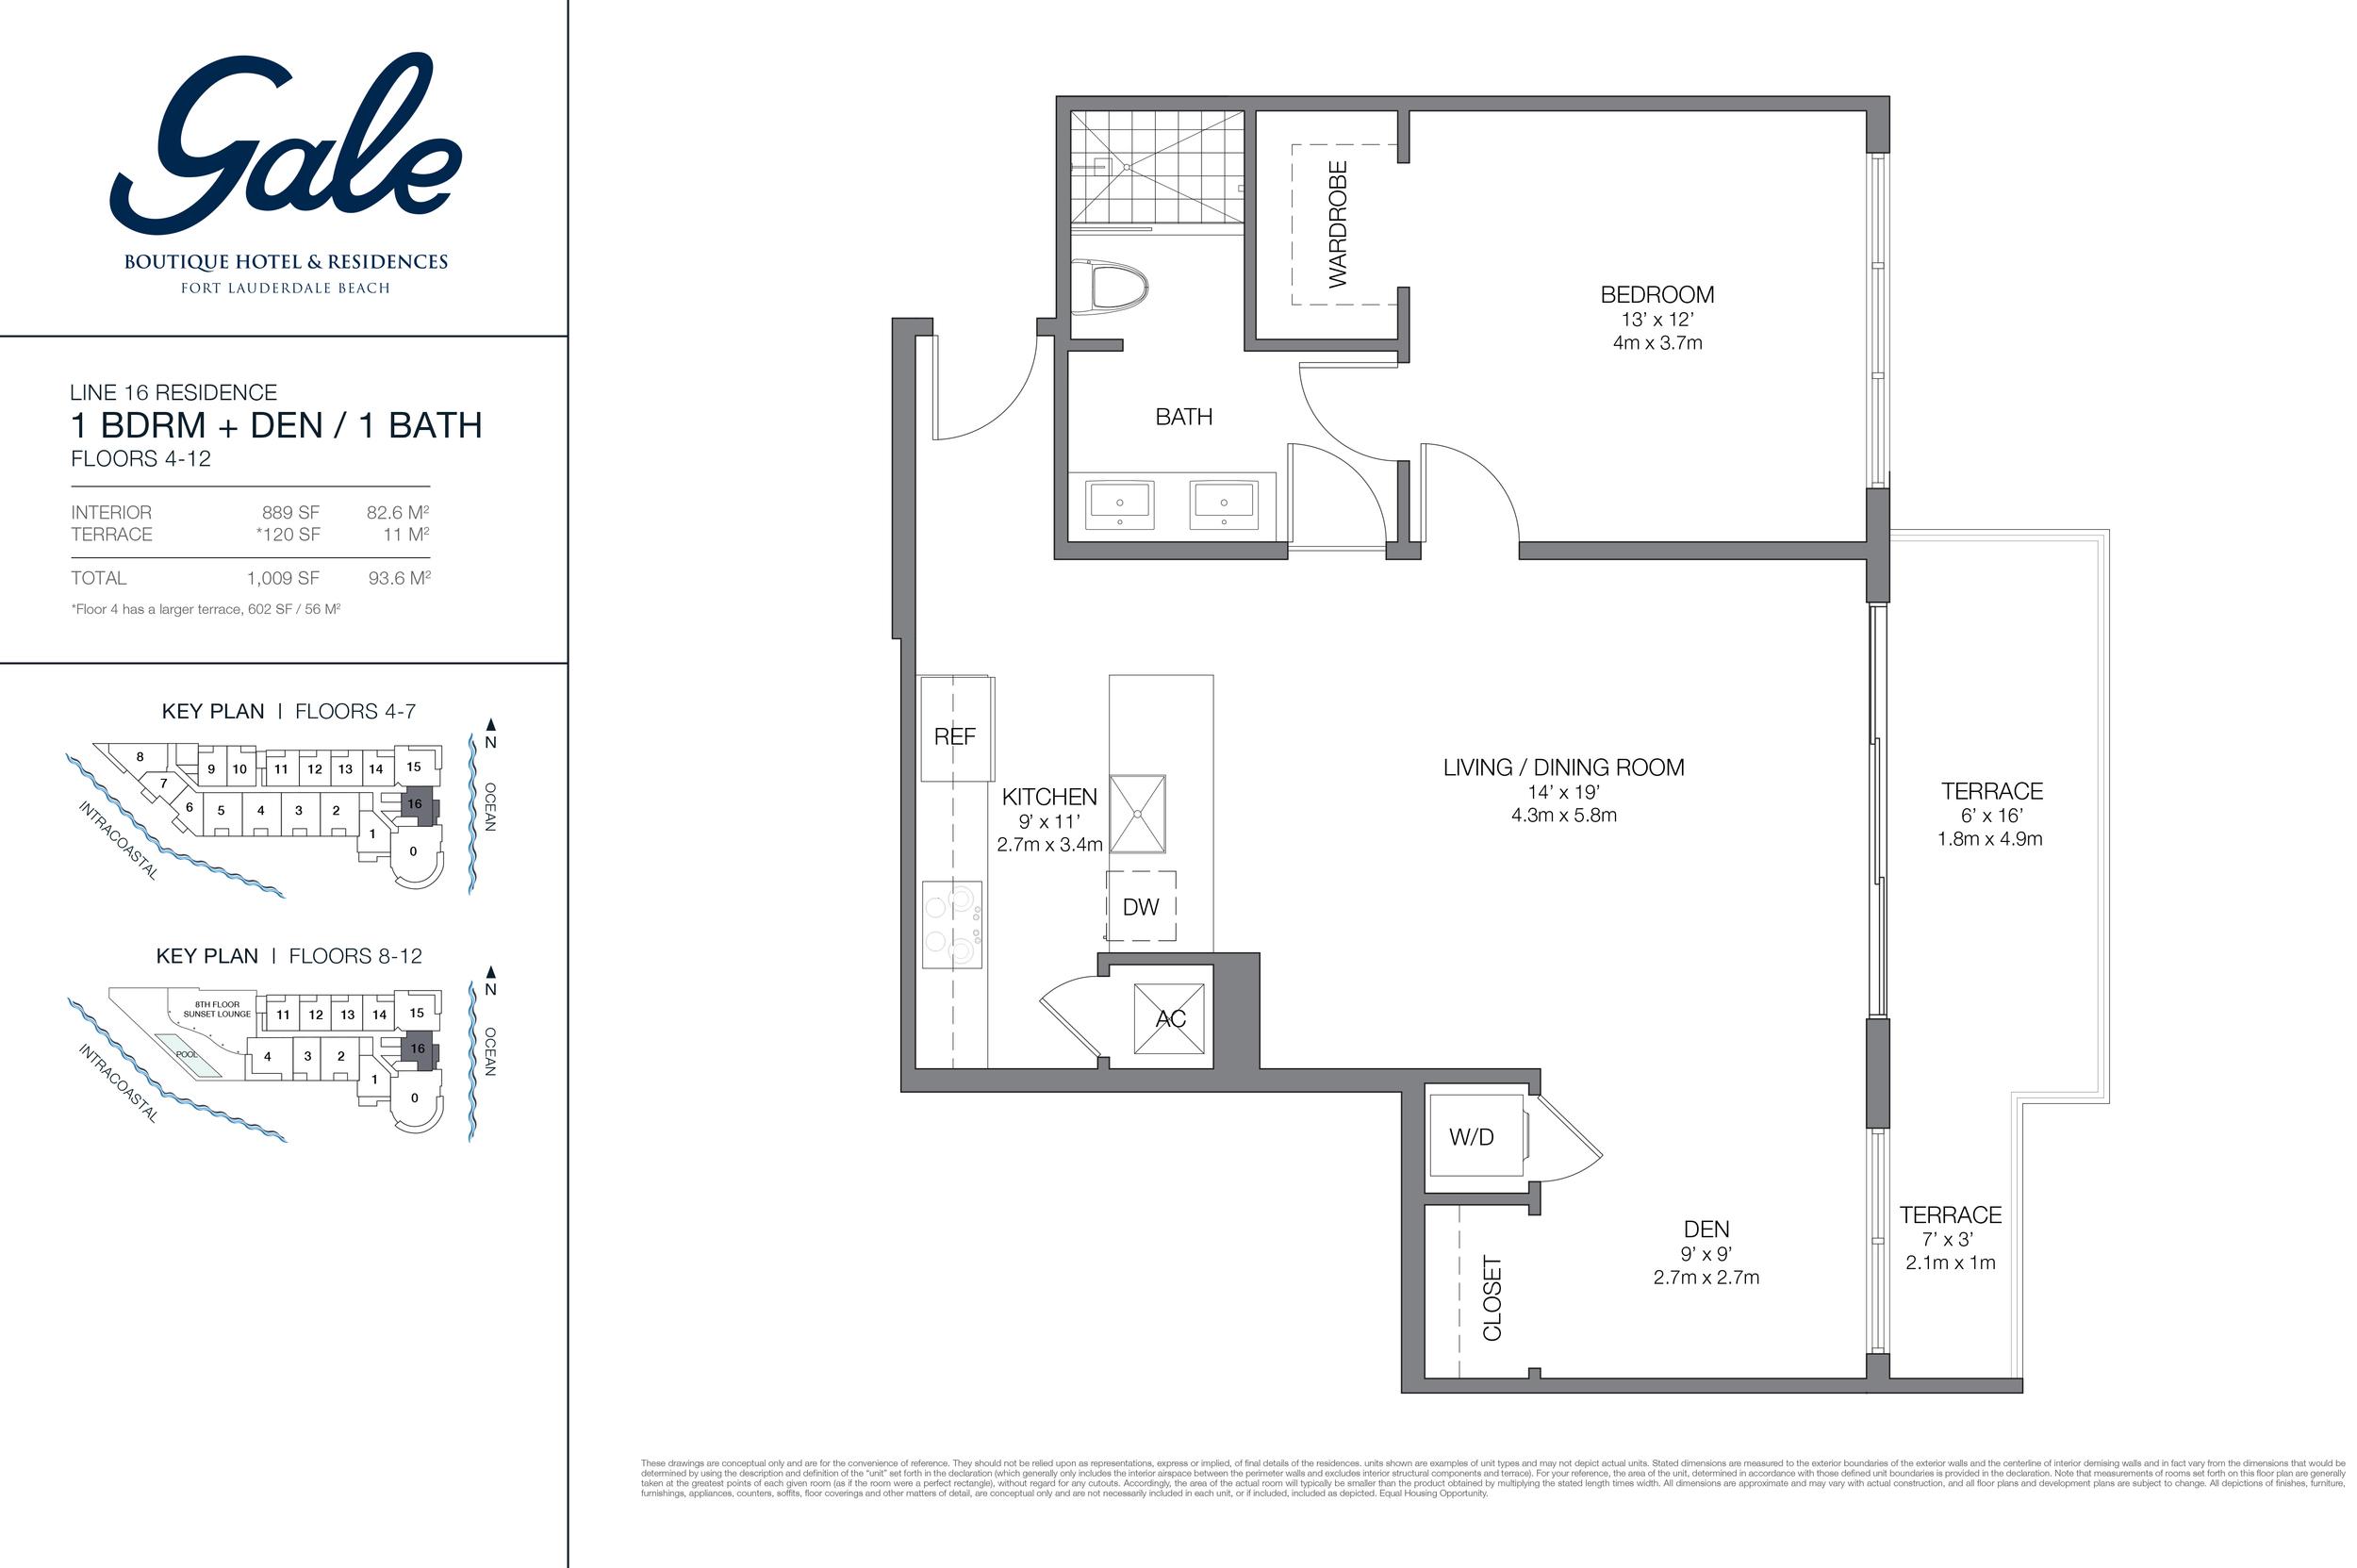 Gale Ft.Lauderdale Floor Plan Line 16